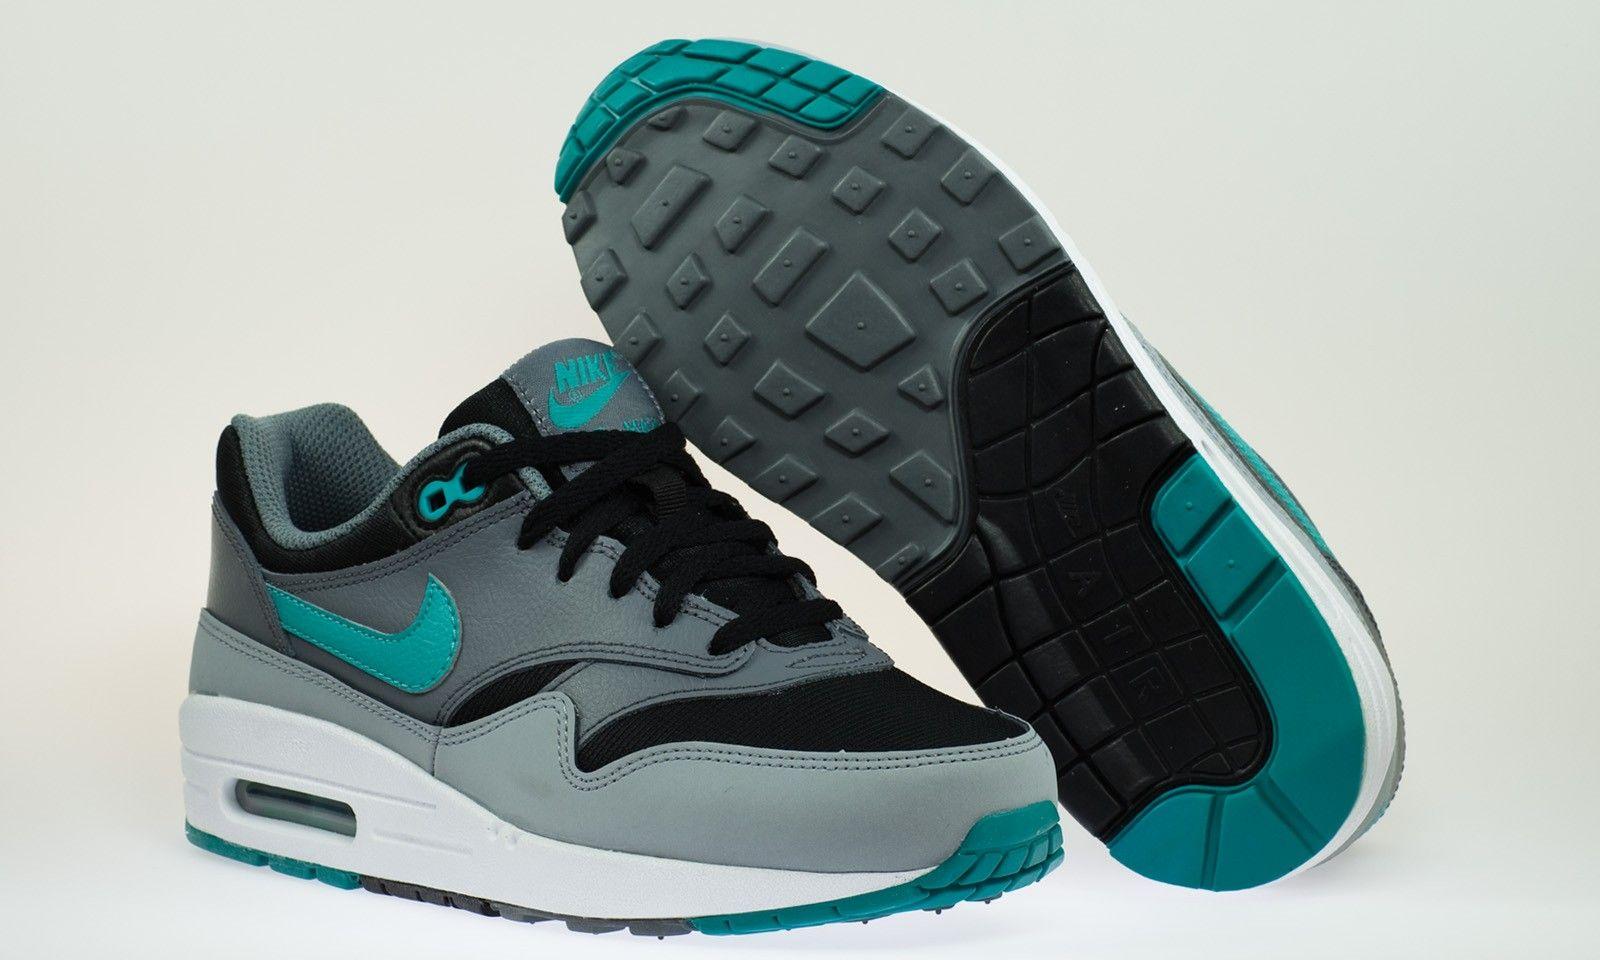 desvanecerse Reposición Debería  Nike Air Max 1 ID Pendleton British Tan | Nike air max 2012, Cheap nike air  max, Nike air max for women